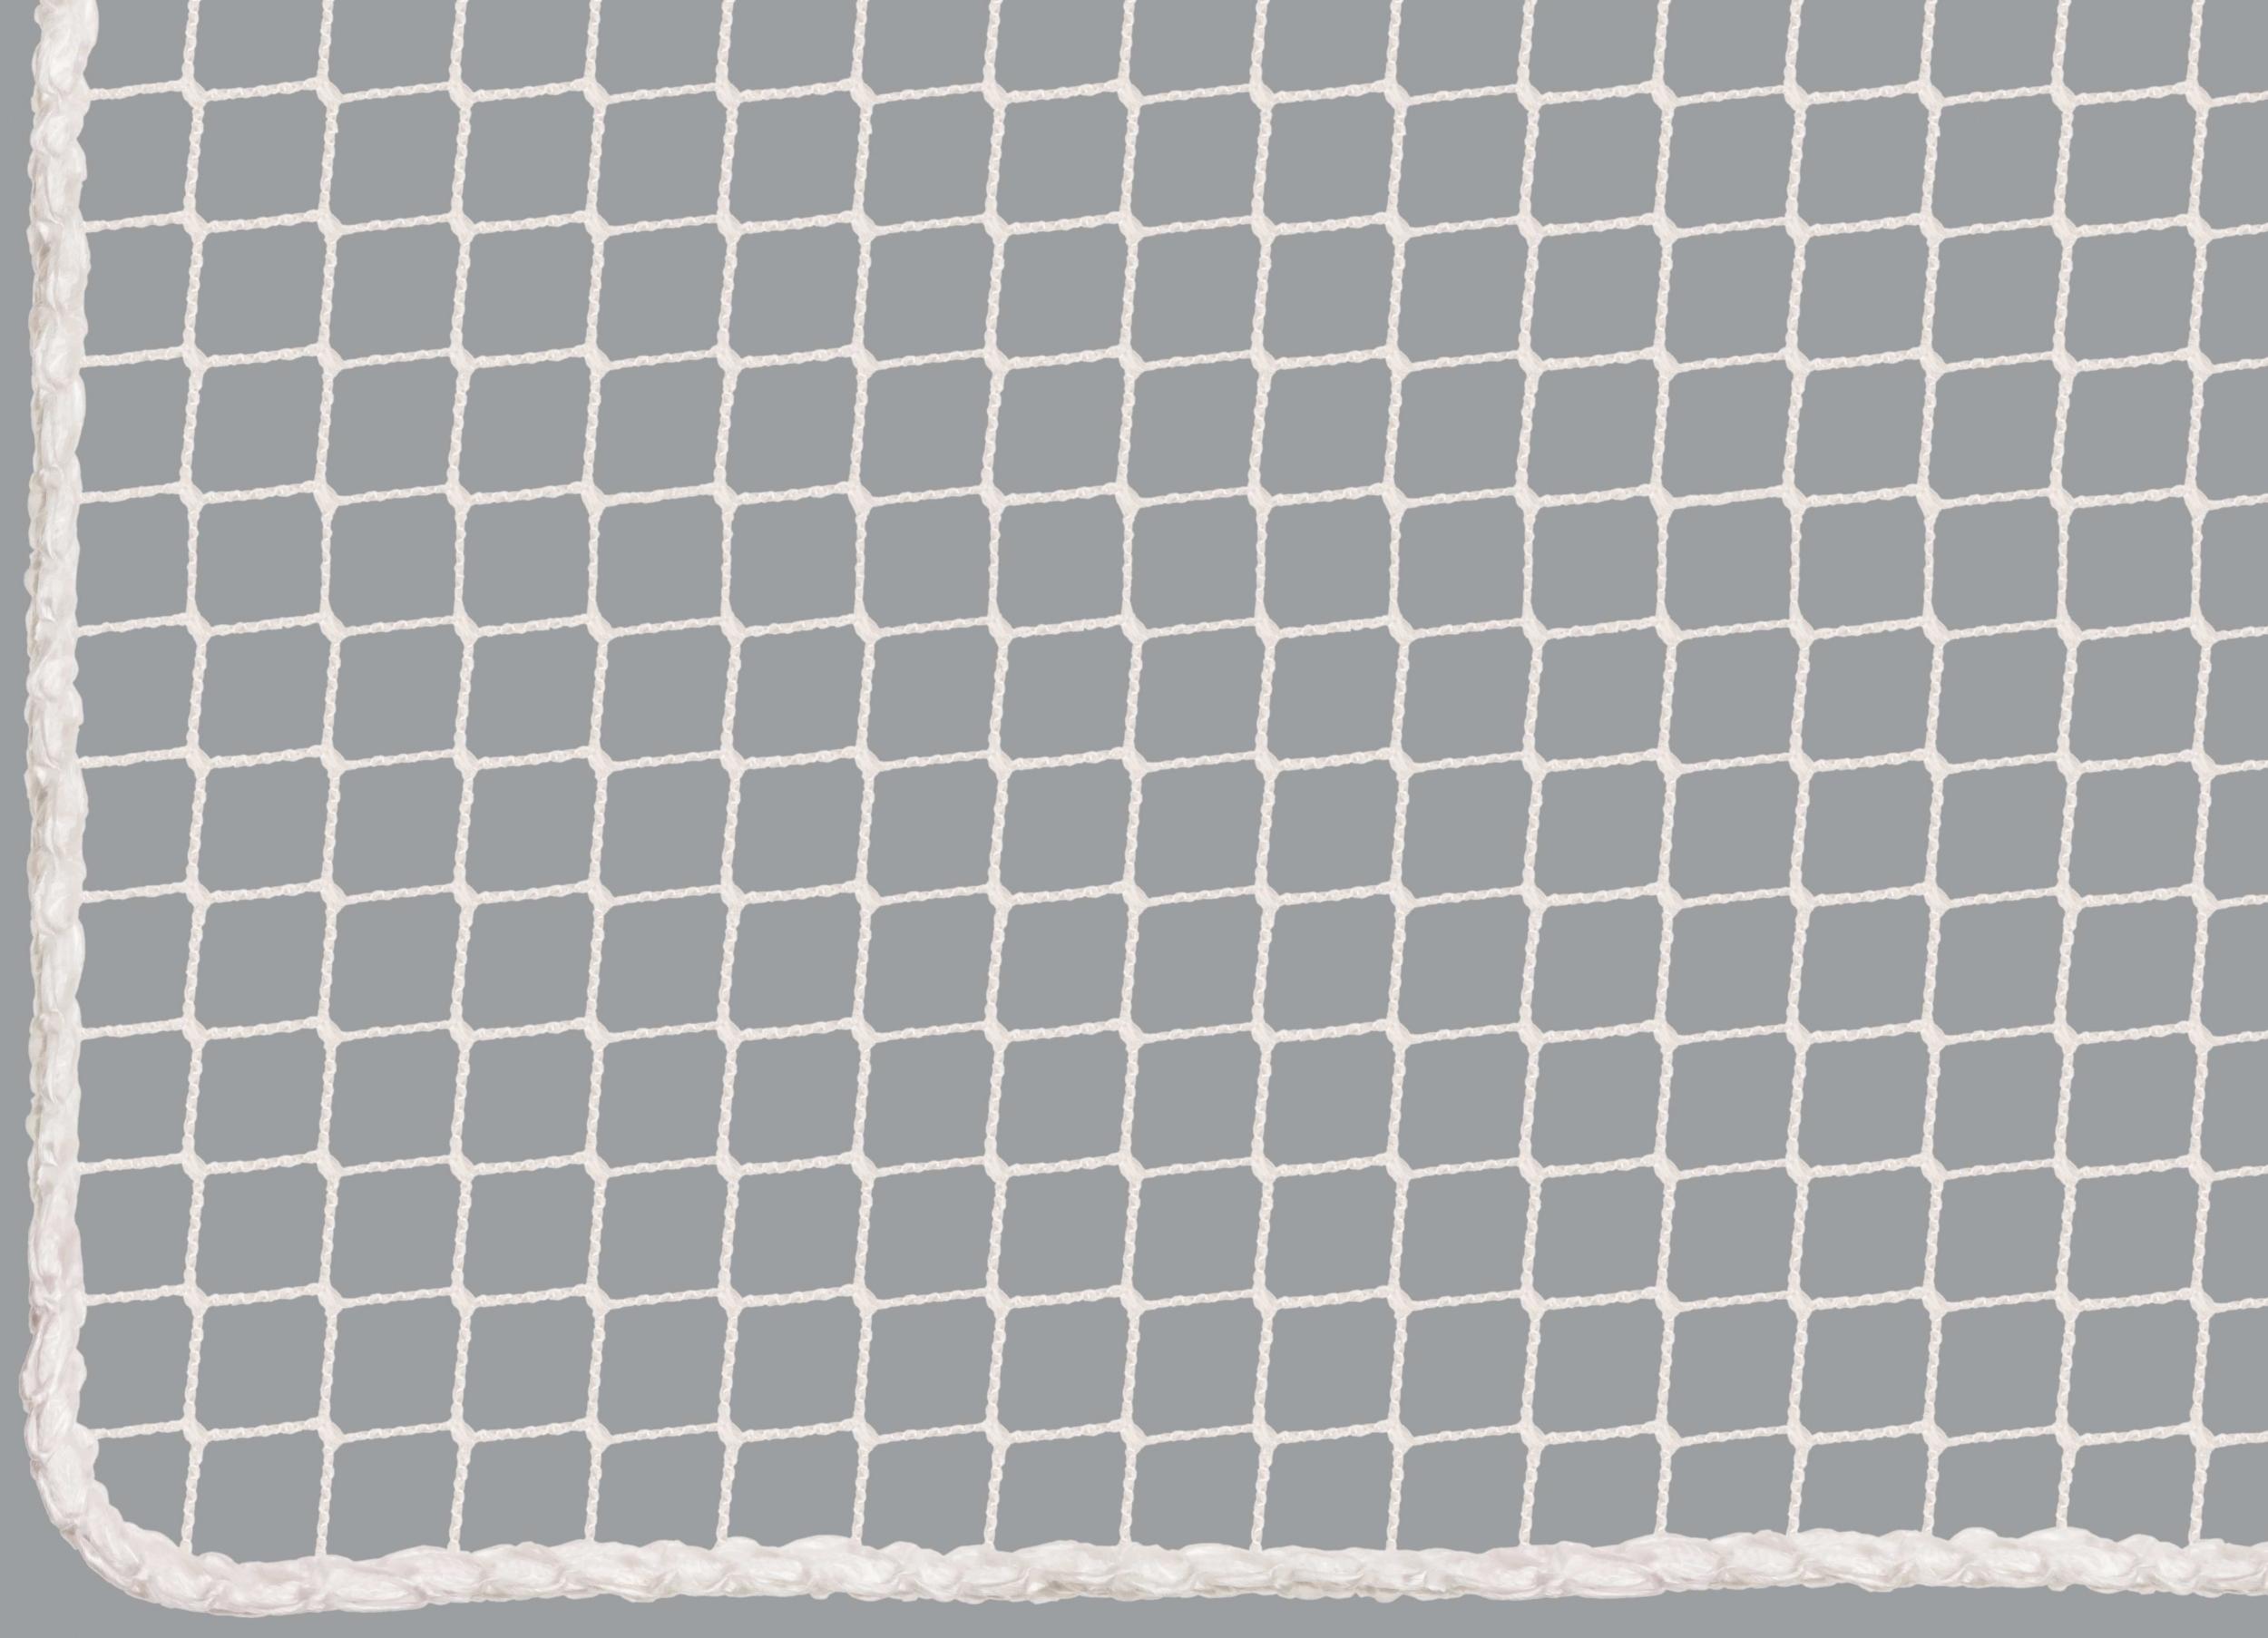 Ballfangnetz Für Tischtennis Per M² Nach Maß